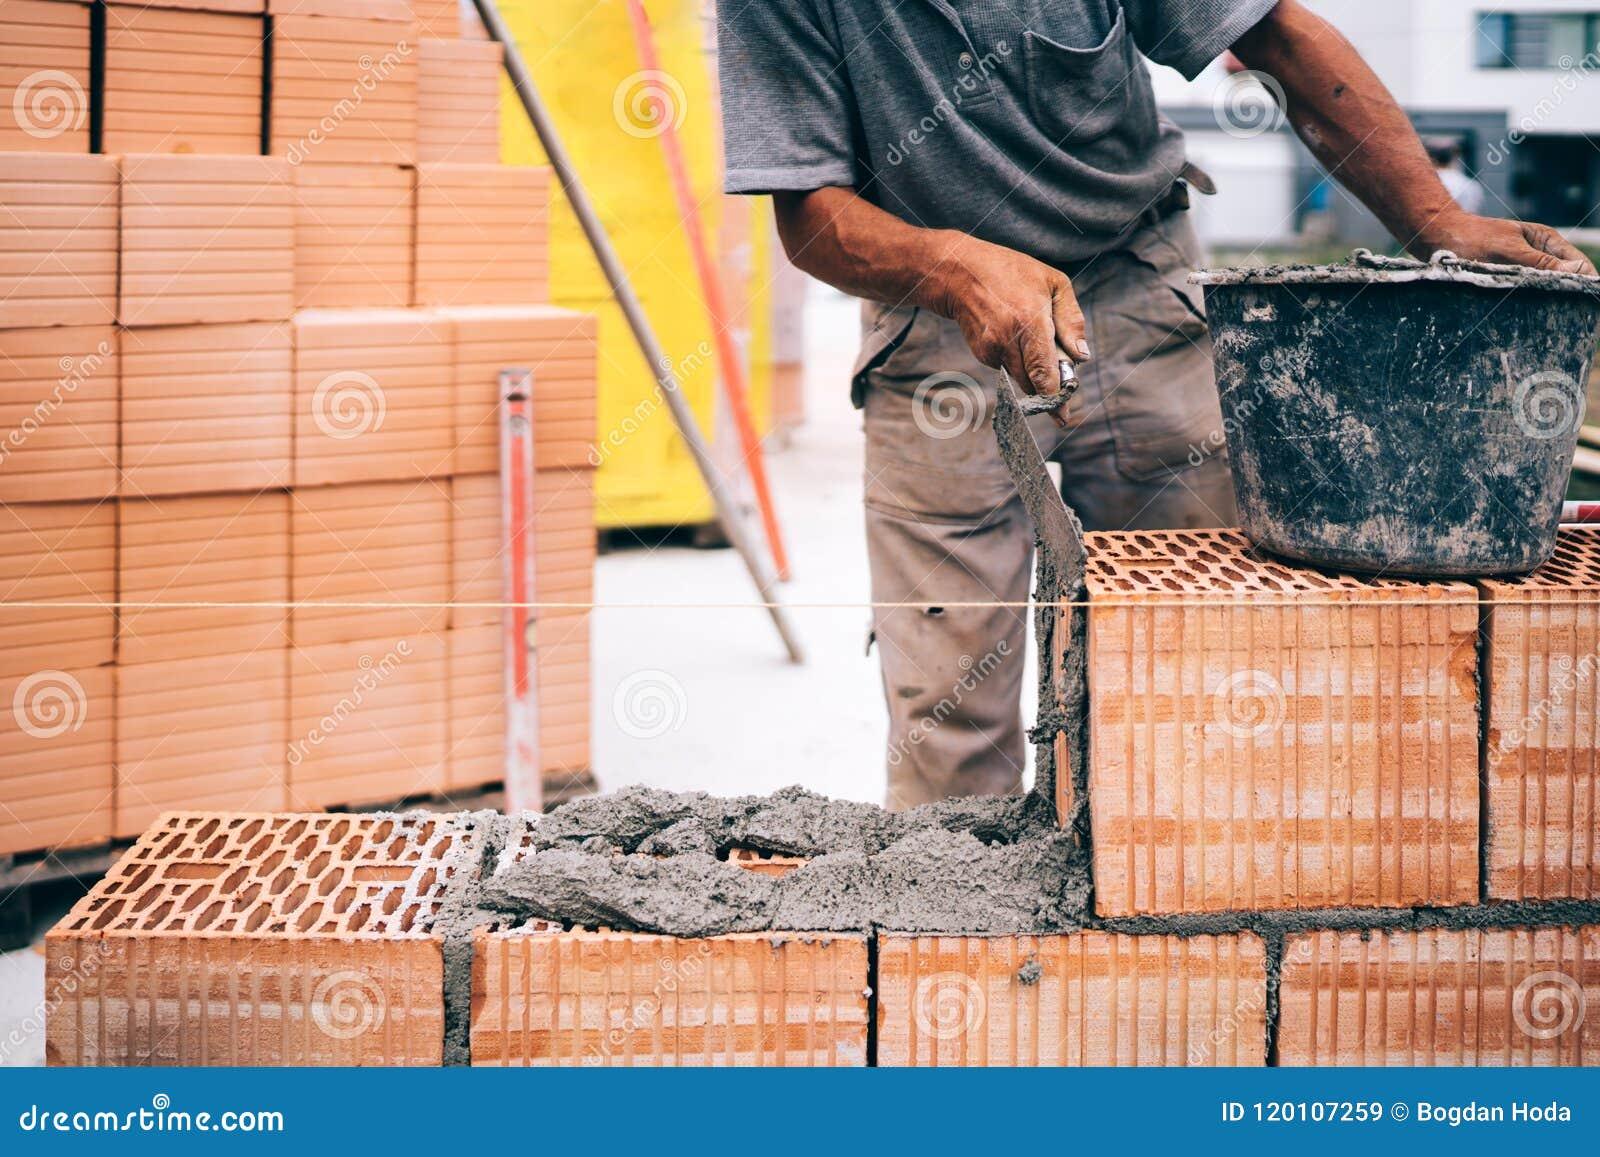 Maçonnerie, maçon industriel de brique, maçon travaillant à construire les murs extérieurs au chantier de construction